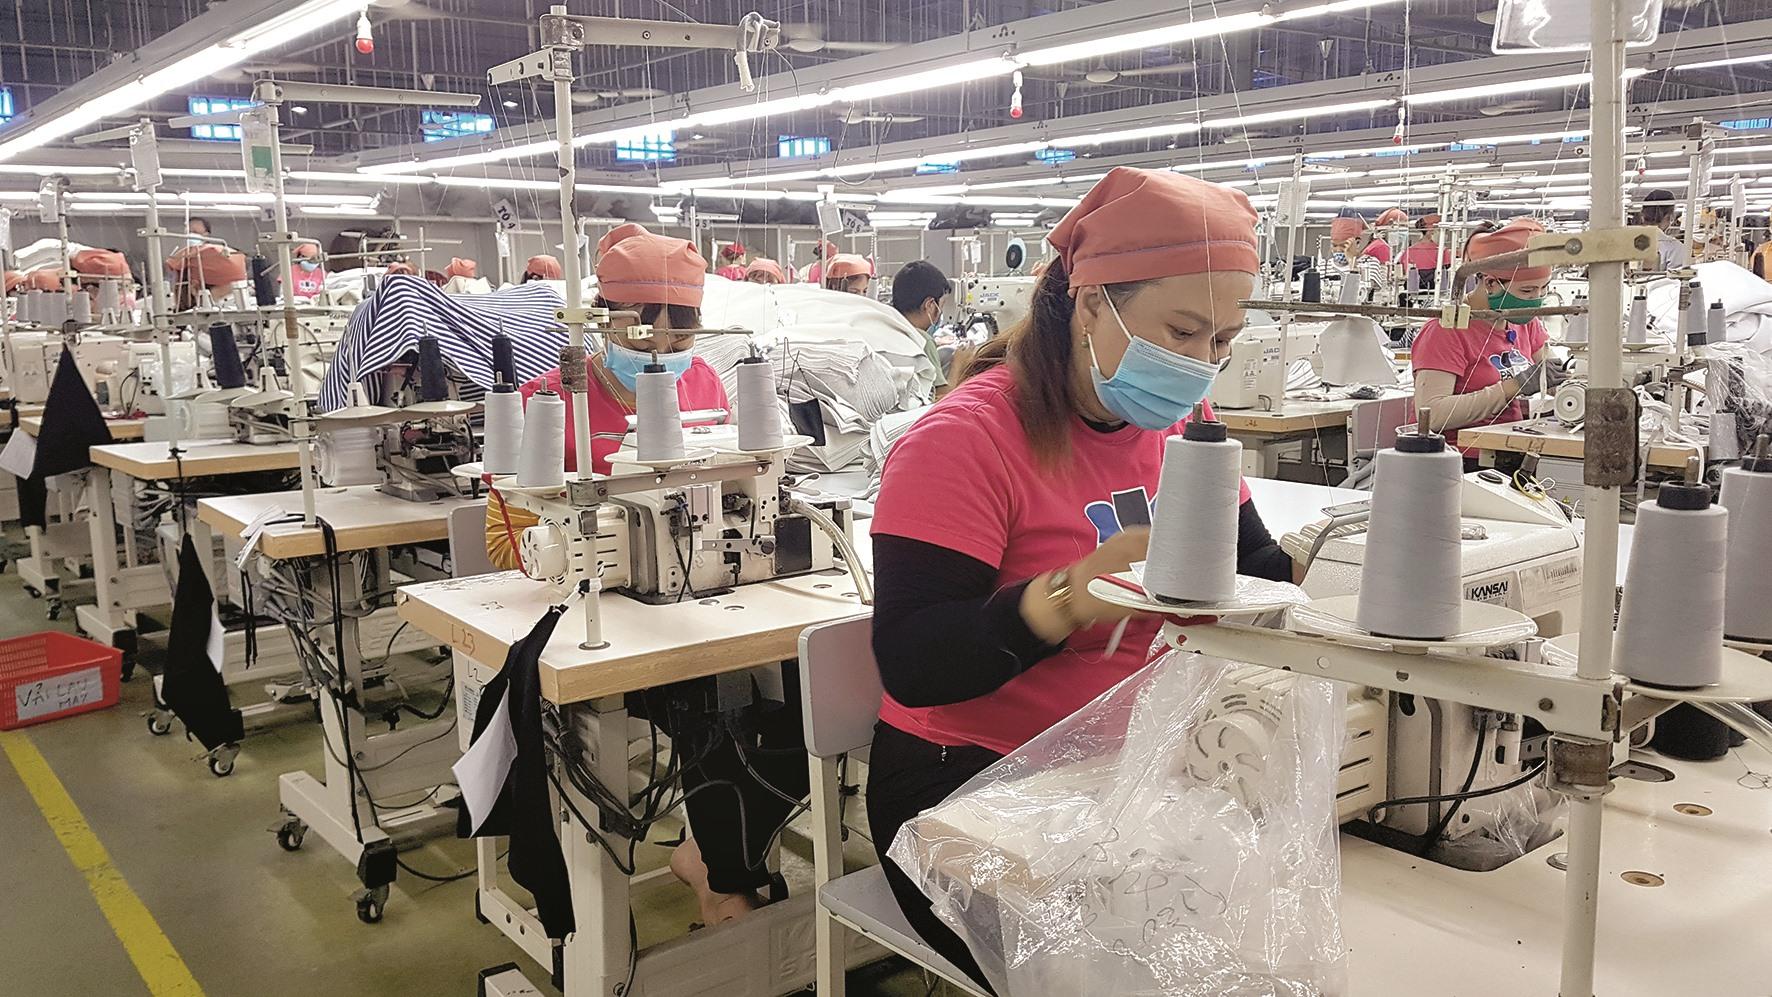 """Điều kiện sản xuất của doanh nghiệp hiện nay khó đáp ứng phương án """"4 tại chỗ"""". Ảnh: D.L"""